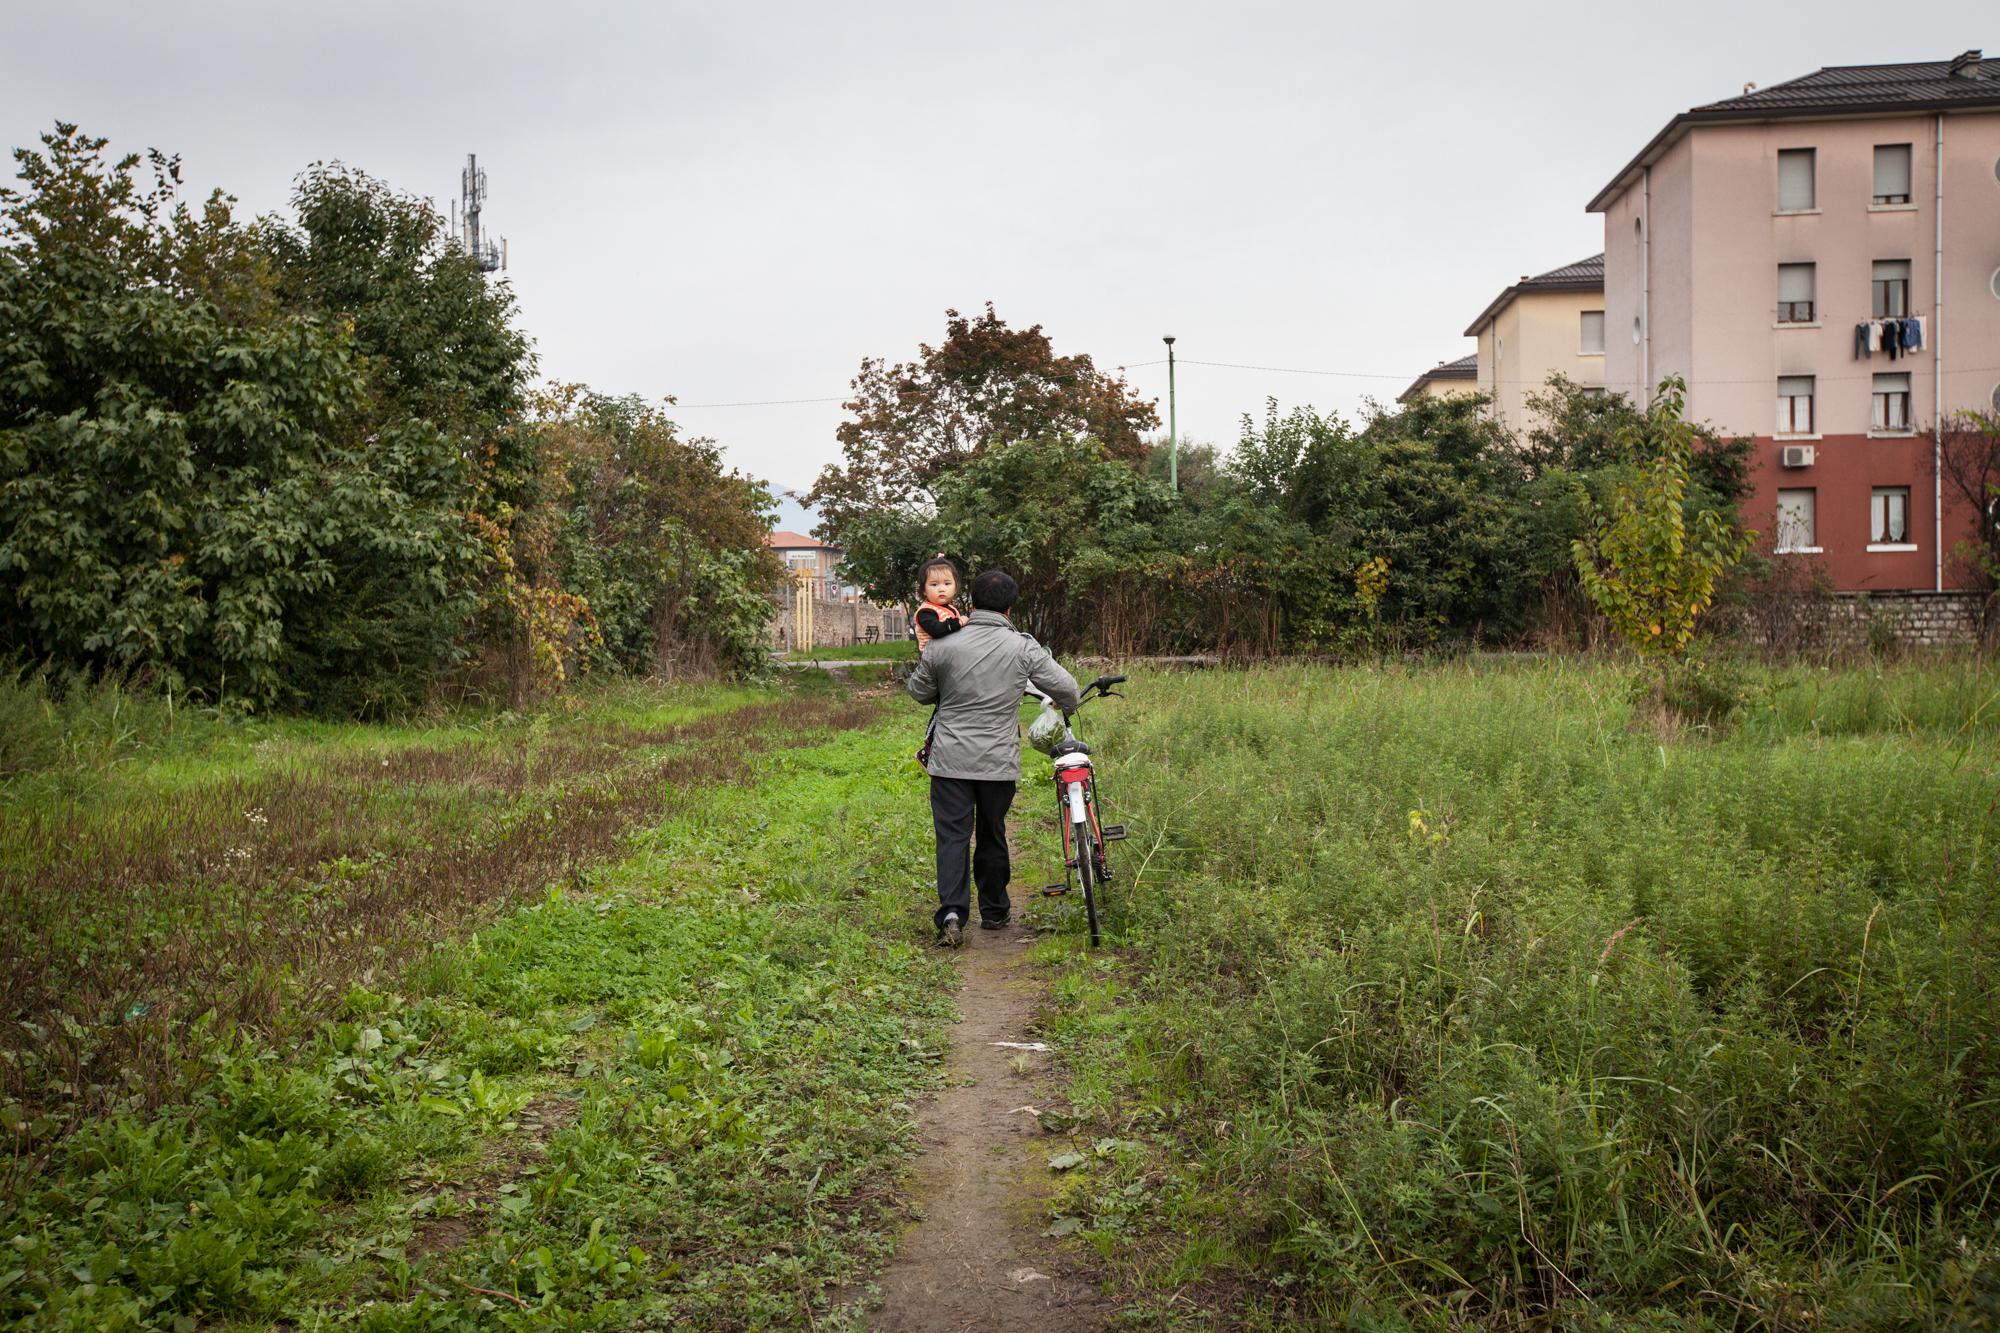 Alcuni Cinesi che abitano nella zona interessata, coltivano orti nonostante i divieti comunali.Brescia / Italia. Ottobre 2013